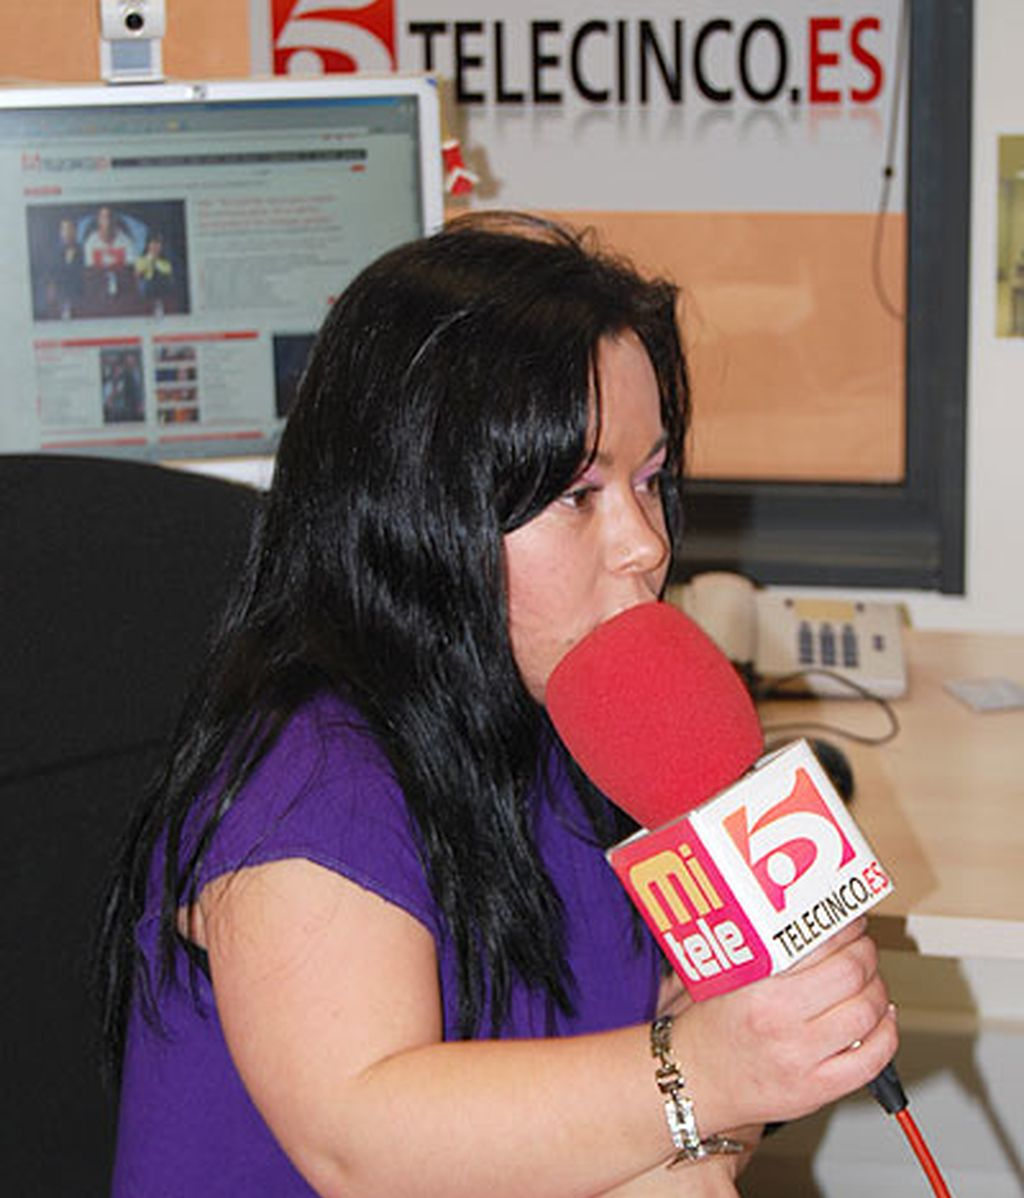 Almudena e Iván, en telecinco.es